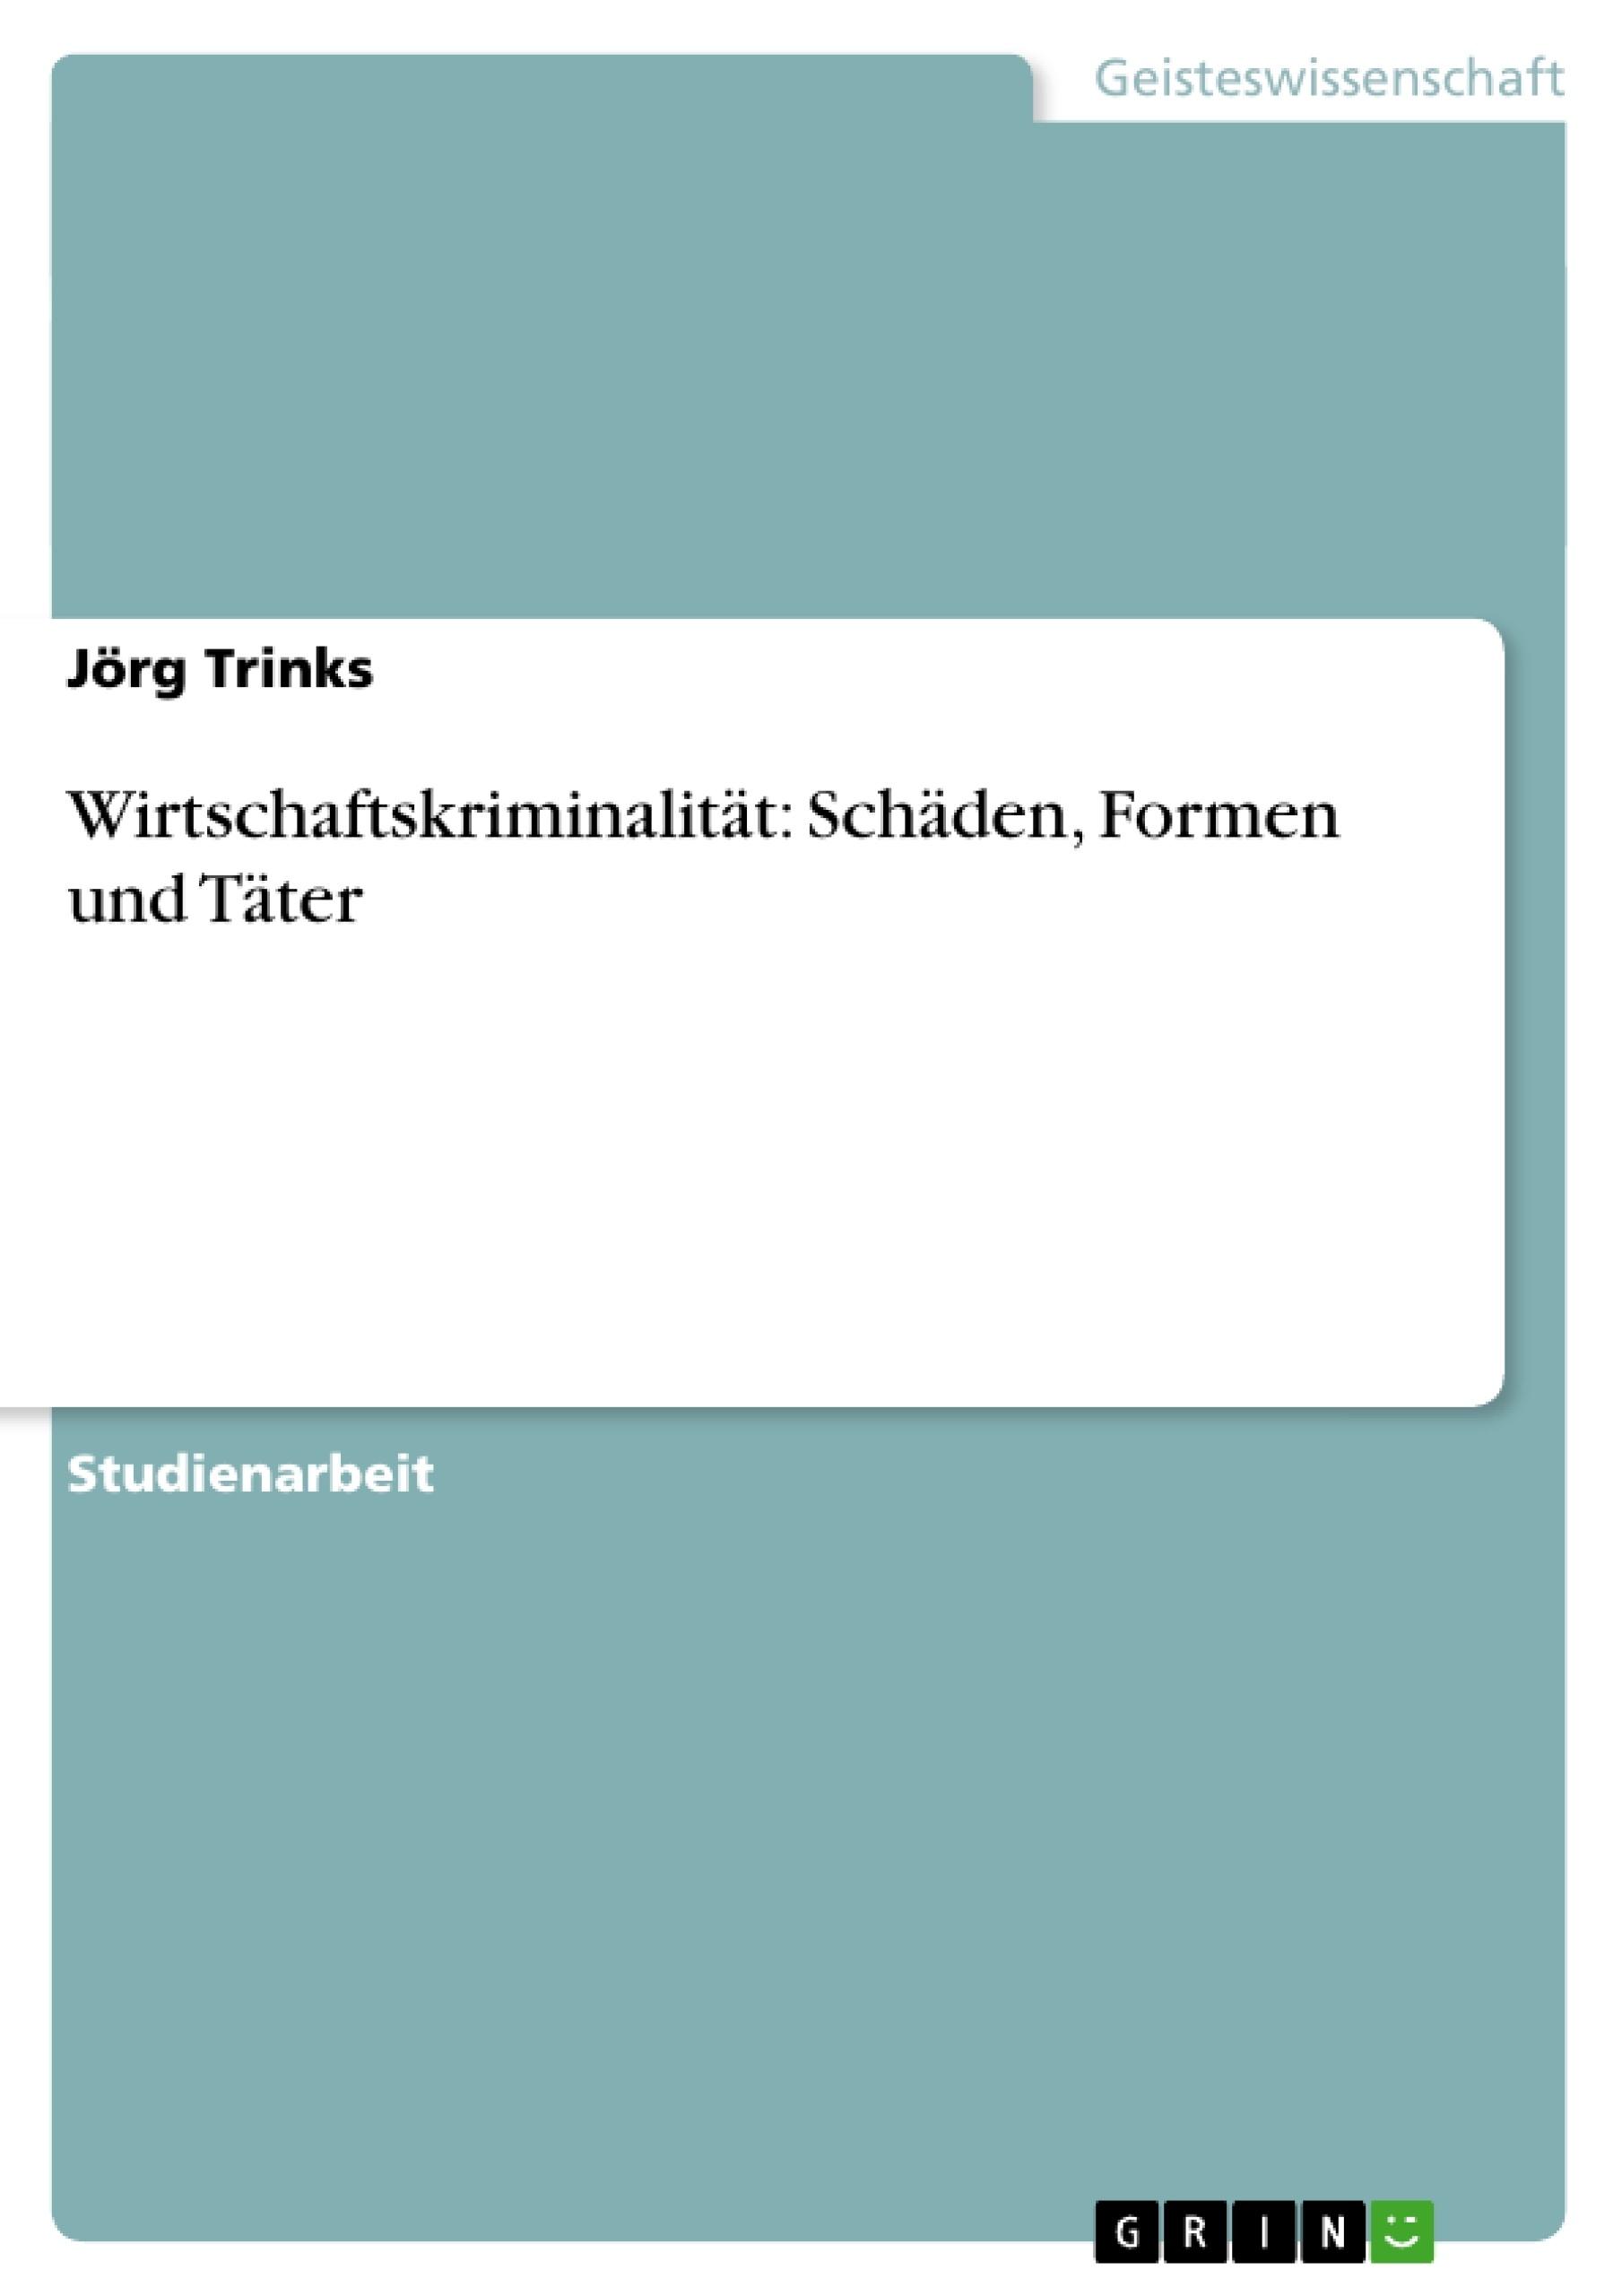 Titel: Wirtschaftskriminalität: Schäden, Formen und Täter